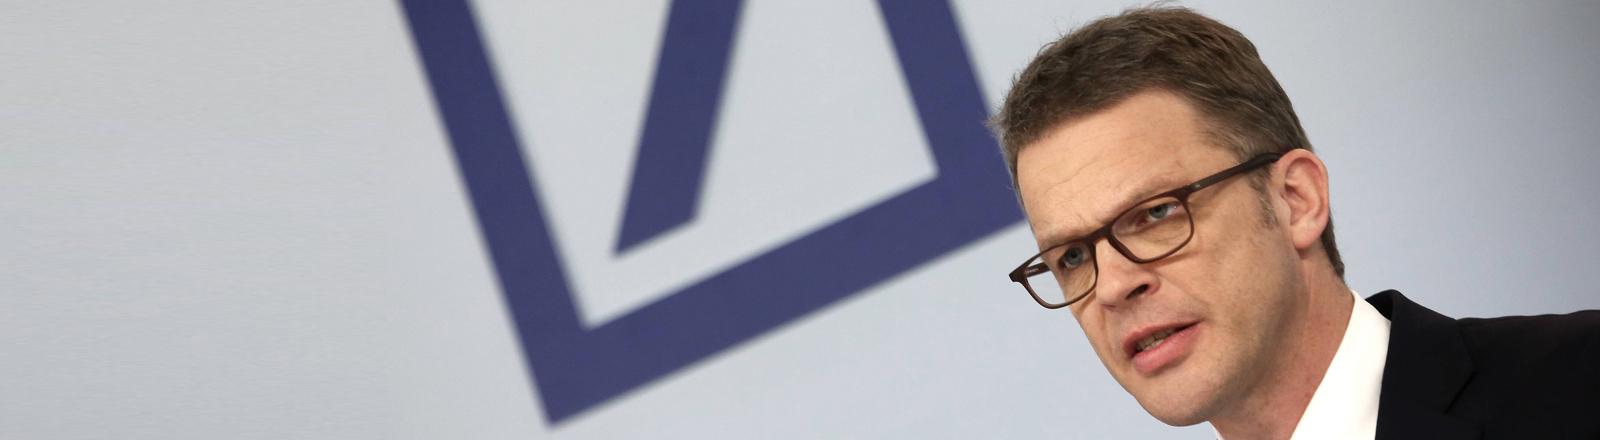 Christian Sewing, Deutsche Bank Vorstandschef